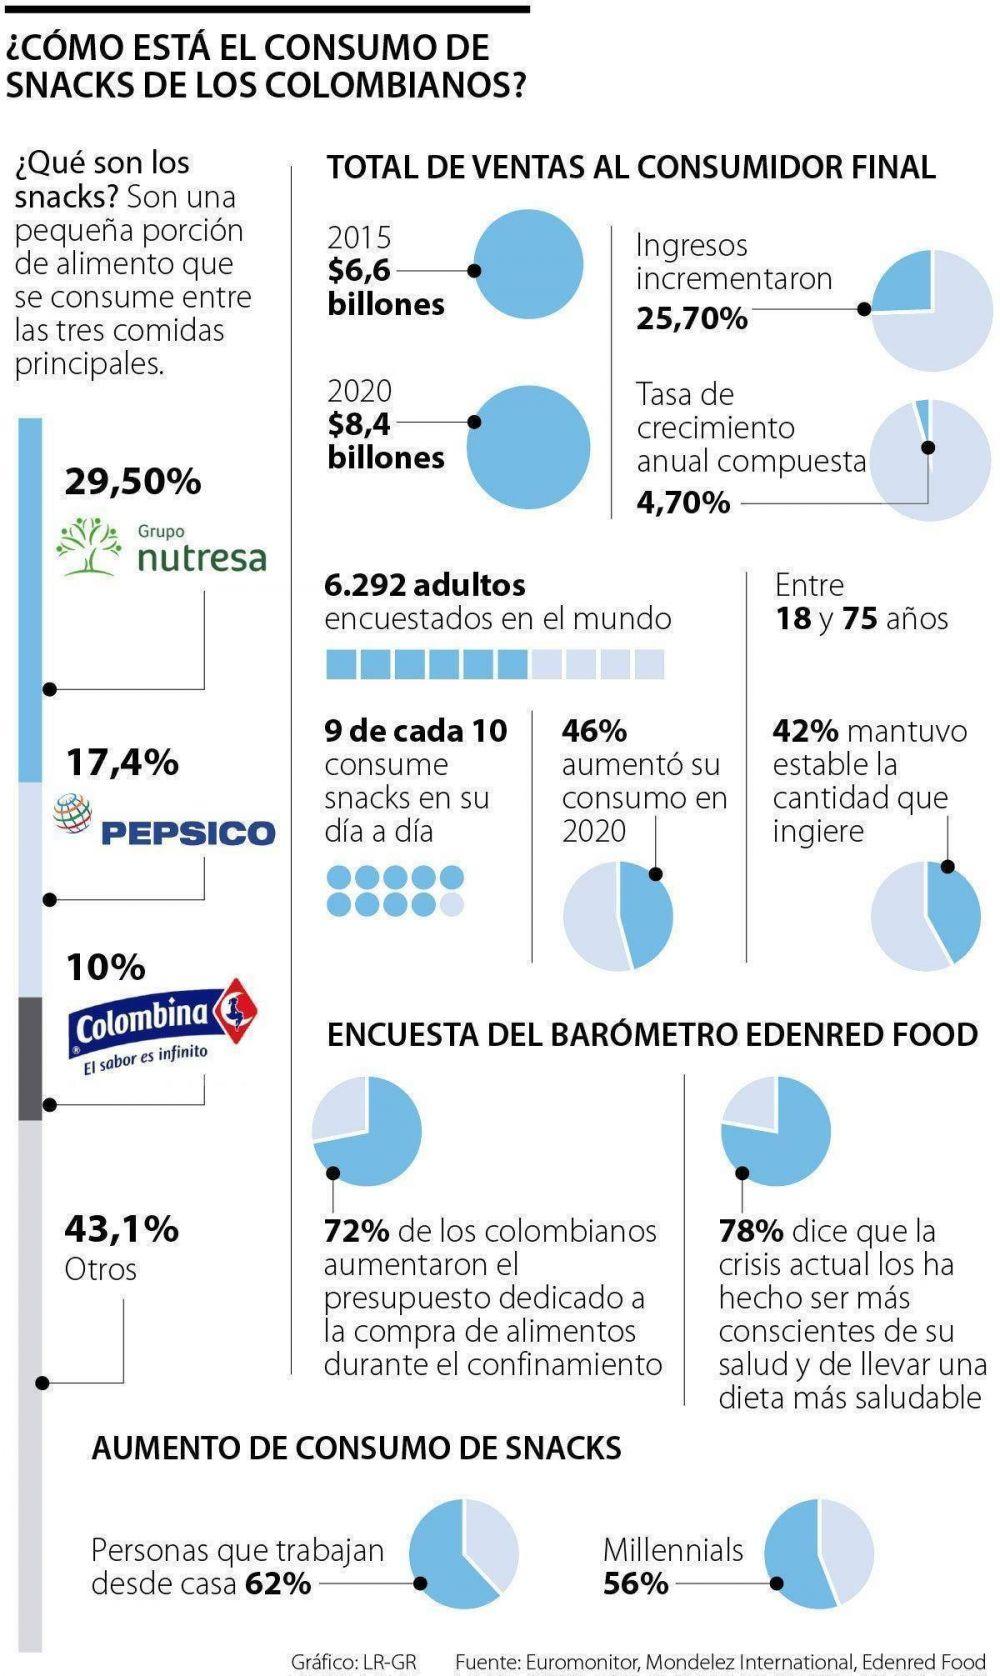 Grupo Nutresa, PepsiCo y Colombina tienen más de la mitad del negocio de snacks